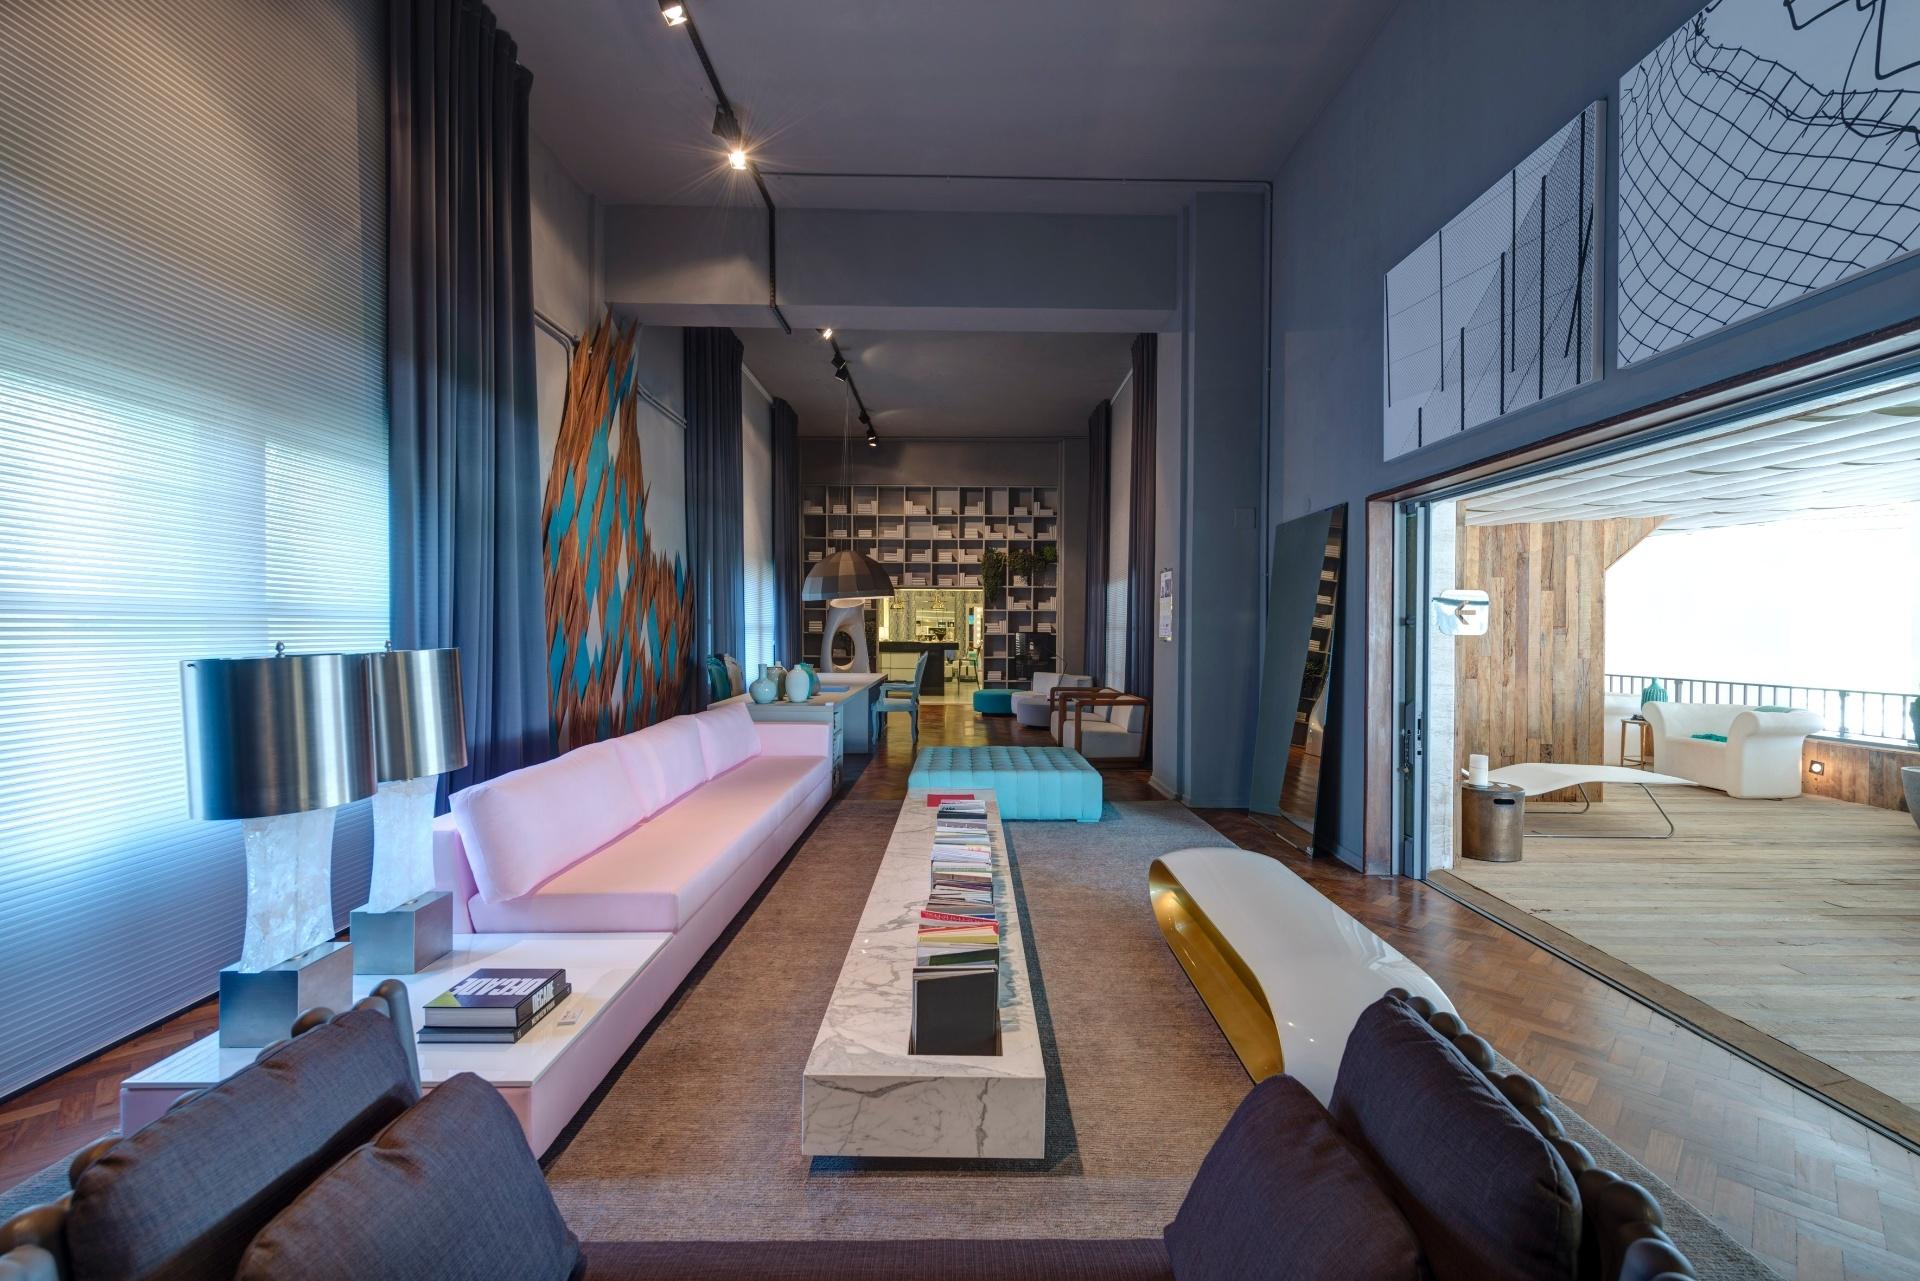 Esta sala de estar é emoldurada por grandes cortinas (Casa Decolar), em tom grafite e persianas (Amorim), em tecido prata, em três pontos: à esquerda e ao fundo, nas duas laterais. Entre eles (à esq.), está o painel de escamas de peixes em laminado Formica, idealizado por Francisco Cálio, quem assina o Living&Spa. A 28ª edição da Casa Cor SP apresenta 79 ambientes até dia 20 de julho de 2014, no Jockey Club de São Paulo, na Av. Lineu de Paula Machado, 1173. Outras informações: www.casacor.com.br